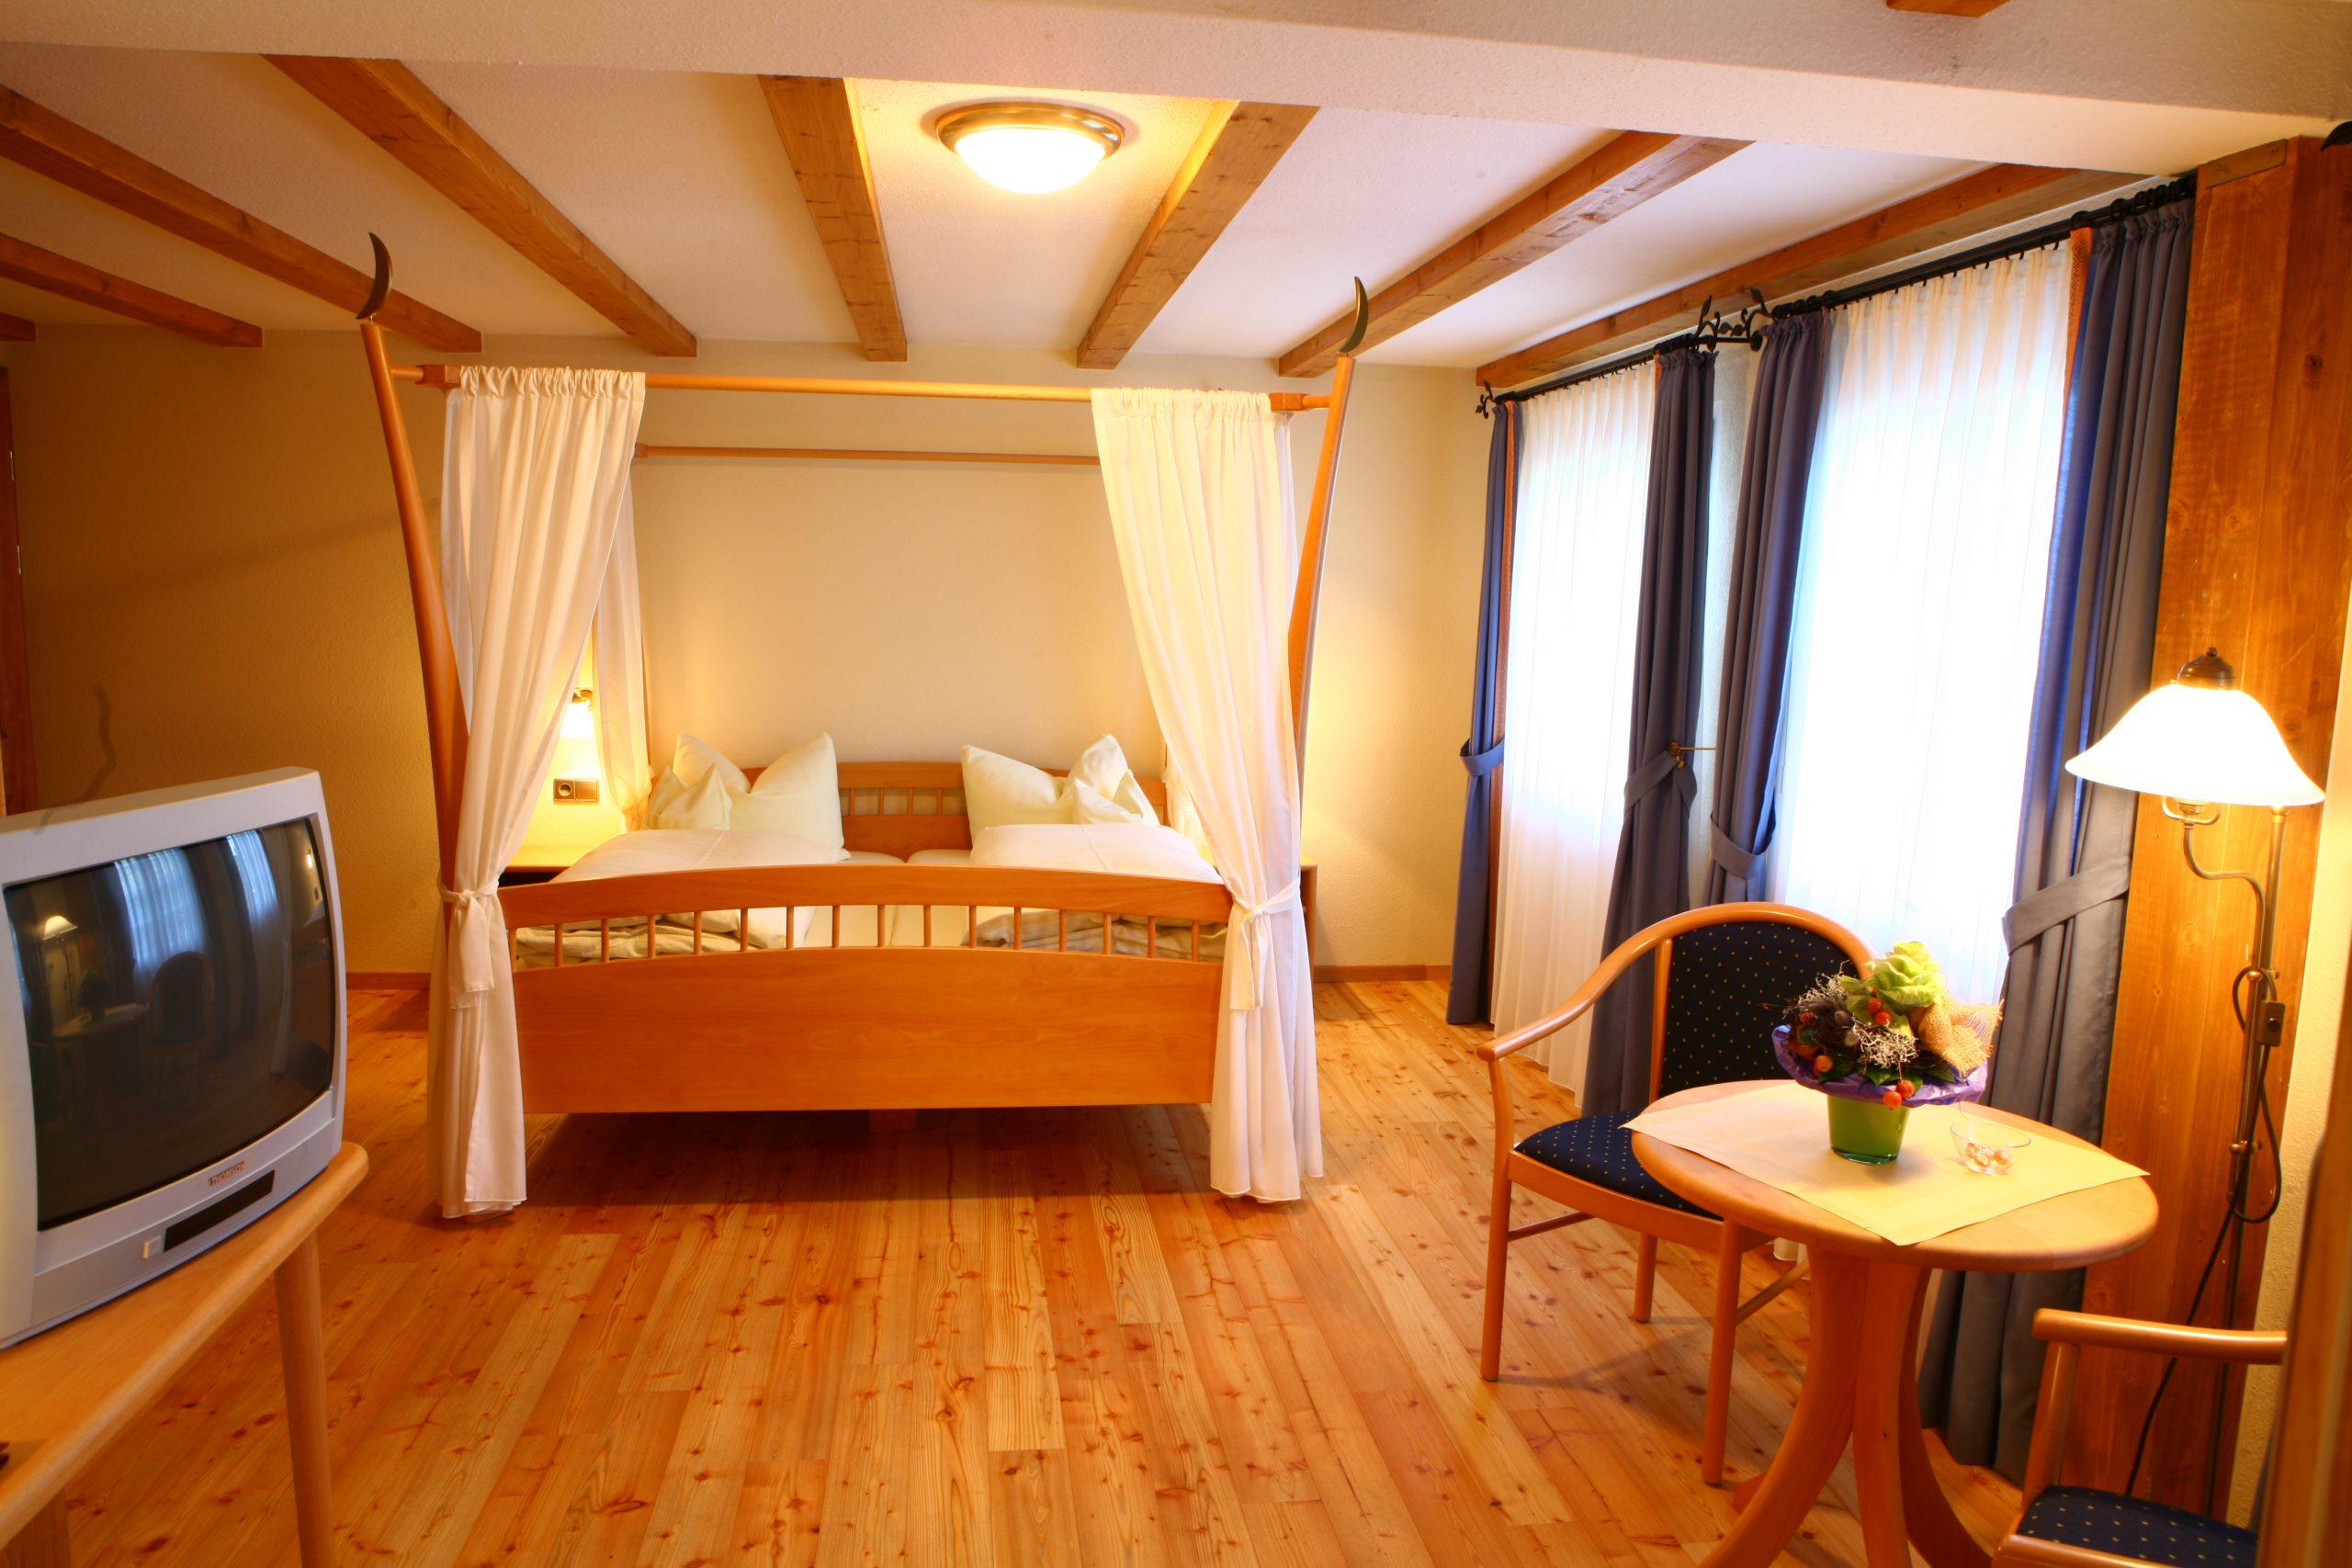 Ein Doppelzimmer komfort: Holzboden, in der Mitte ein Himmelbett aus Holz, links ein Fernsehgerät, recht eine Sitgelegenheit und zwei Fenster mit bodenlangen Vorhängen, warmes Licht.